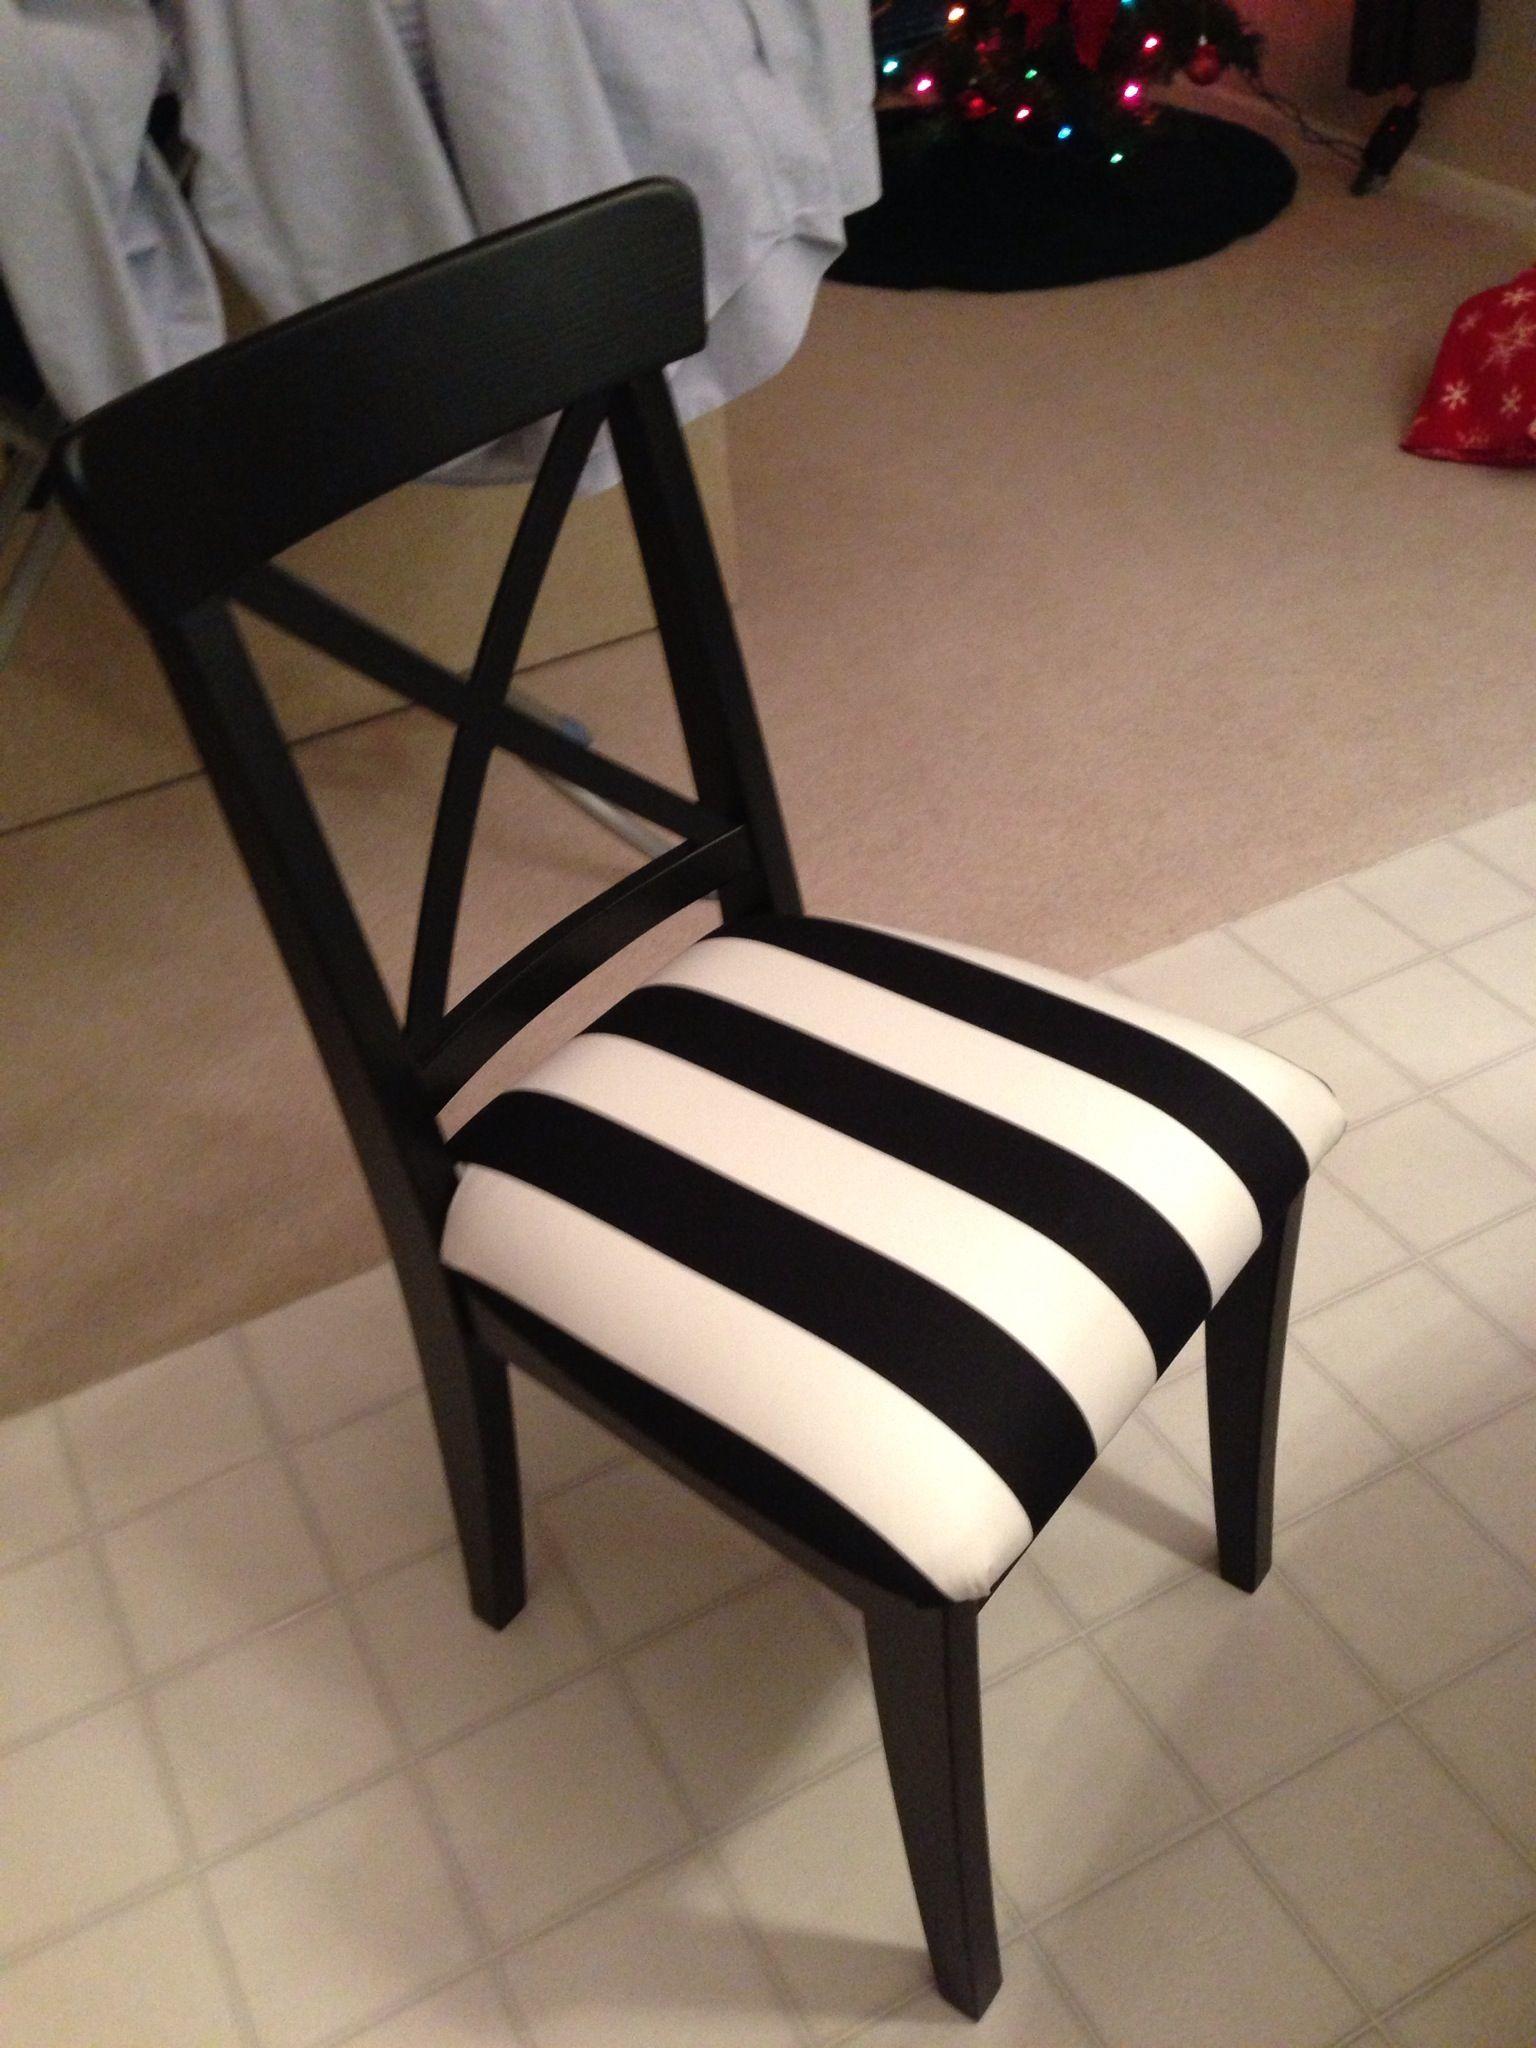 Ikea chair with a home made cushion. Ikea chair, Home, Chair